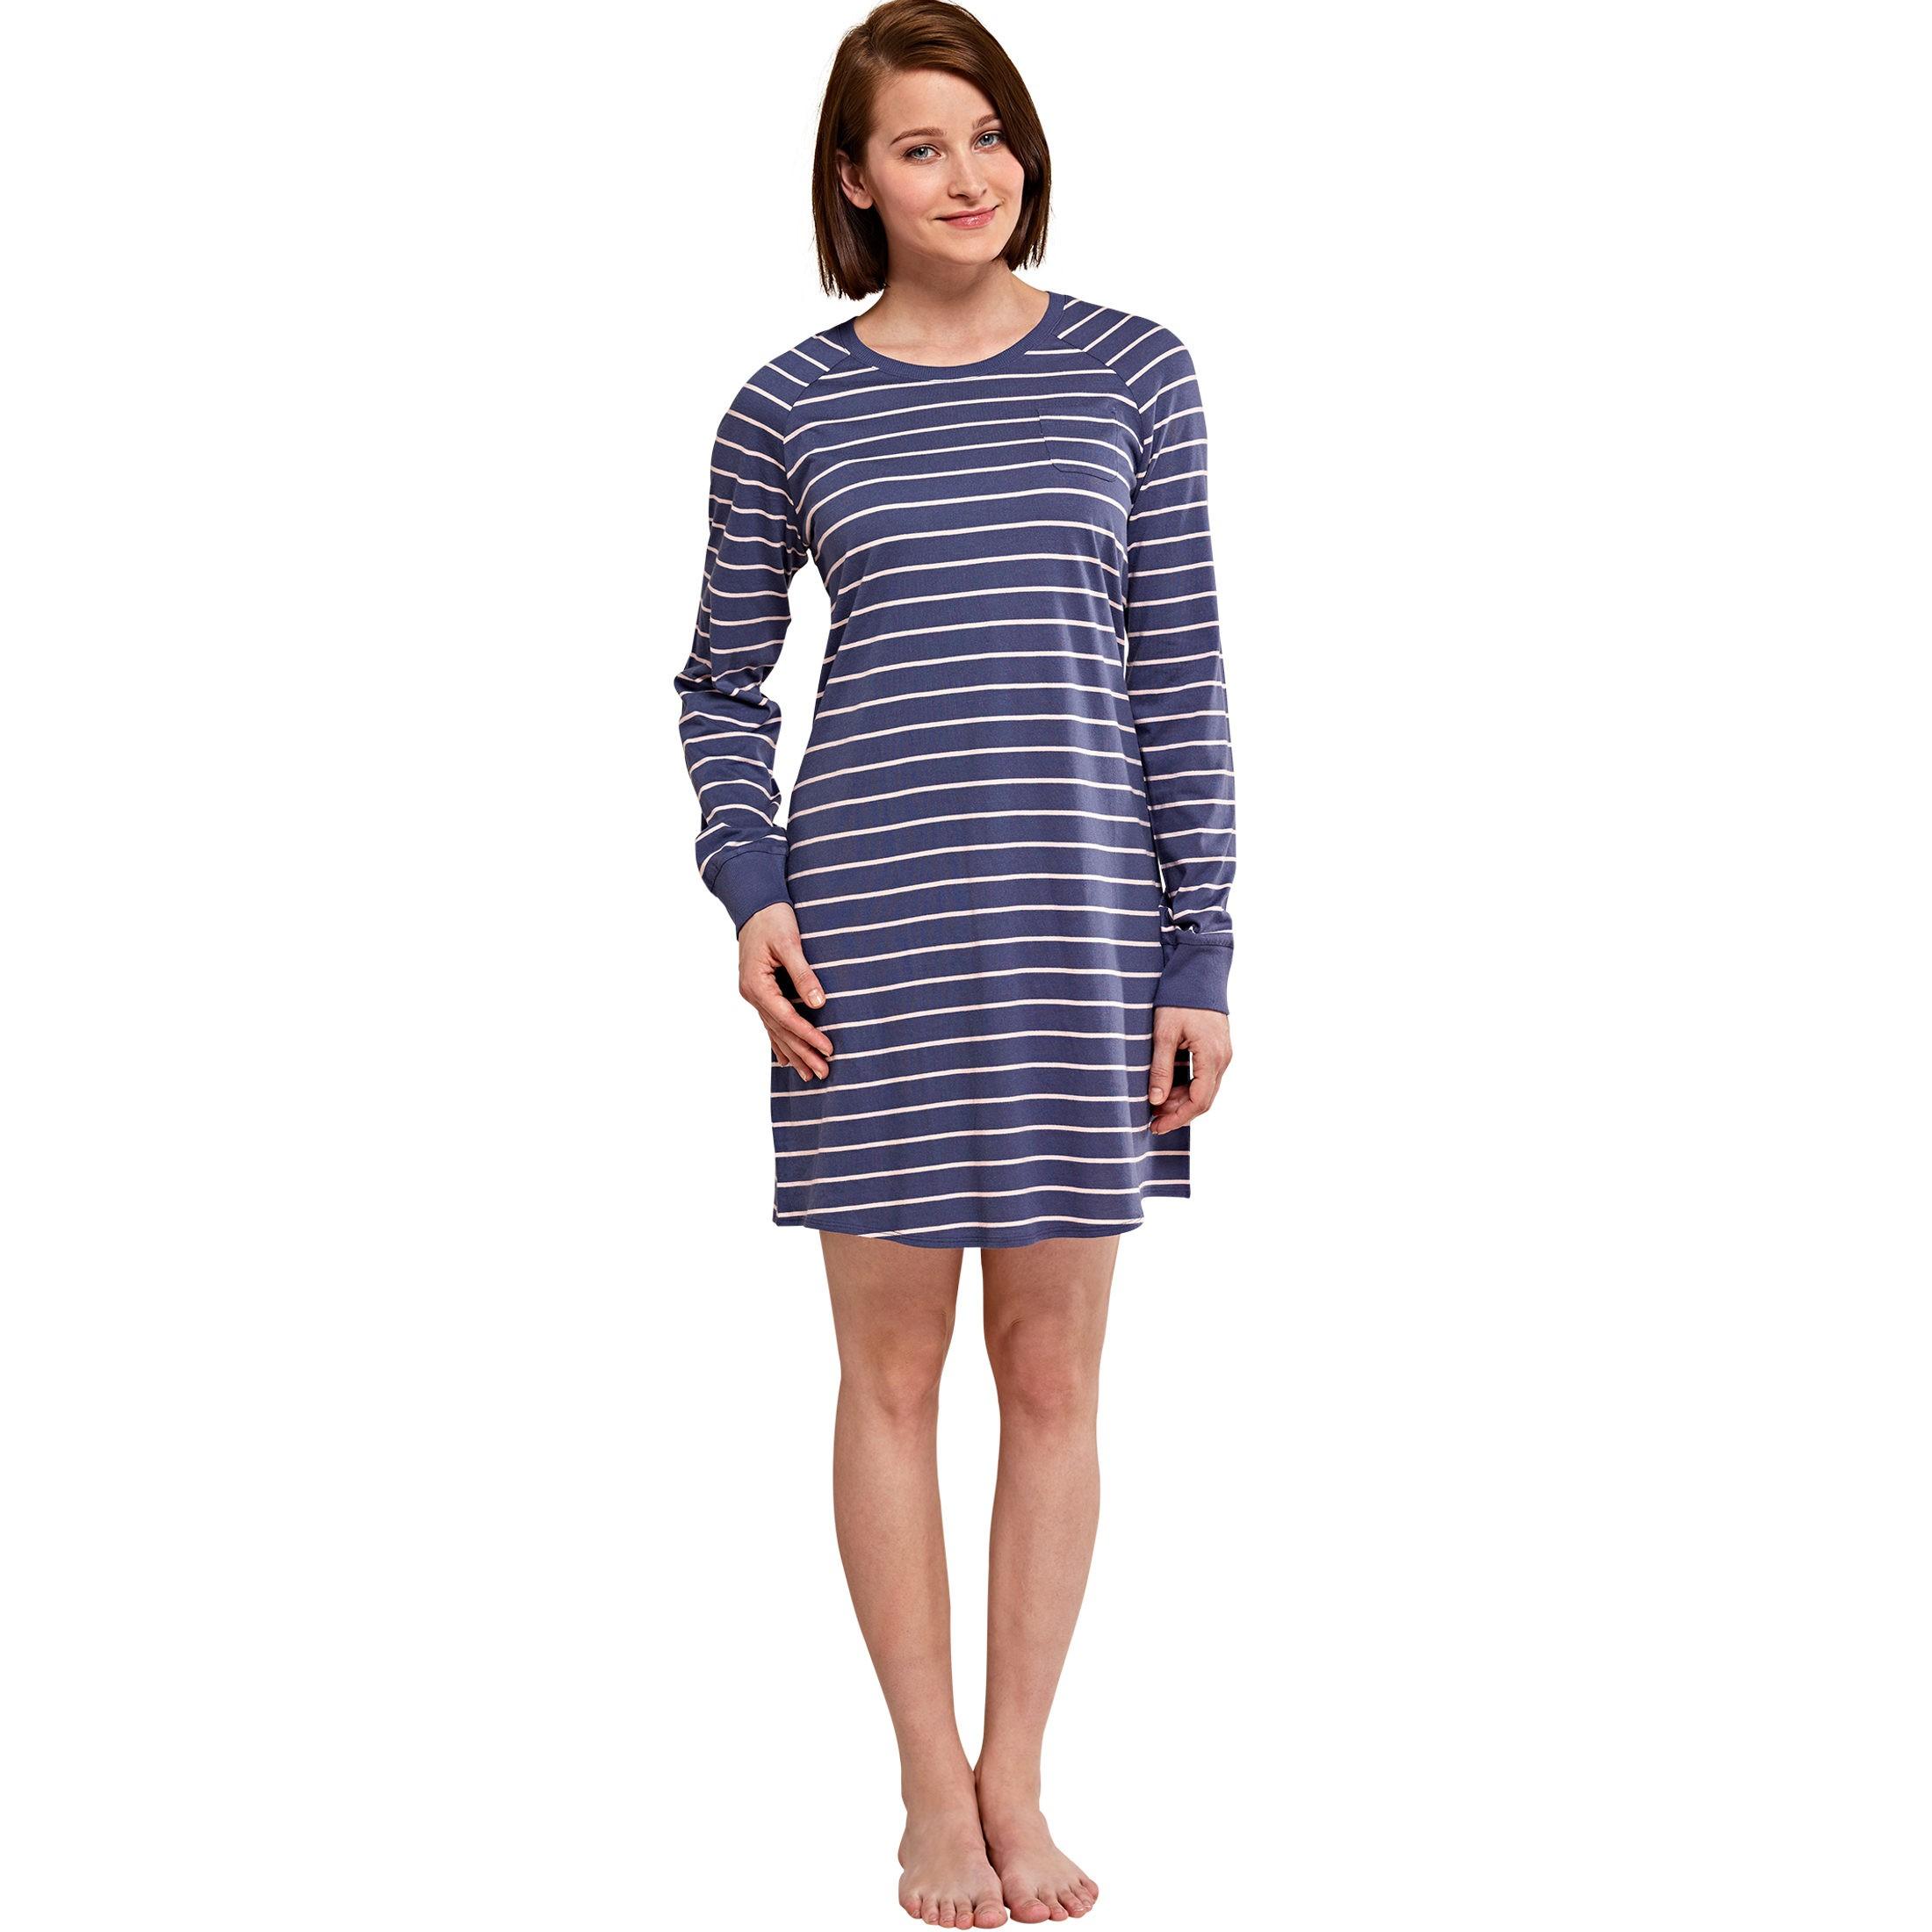 SCHIESSER Damen Sleepshirt 90cm langarm Bündchen Ringel dunkelblau Damen bfcaacc07b